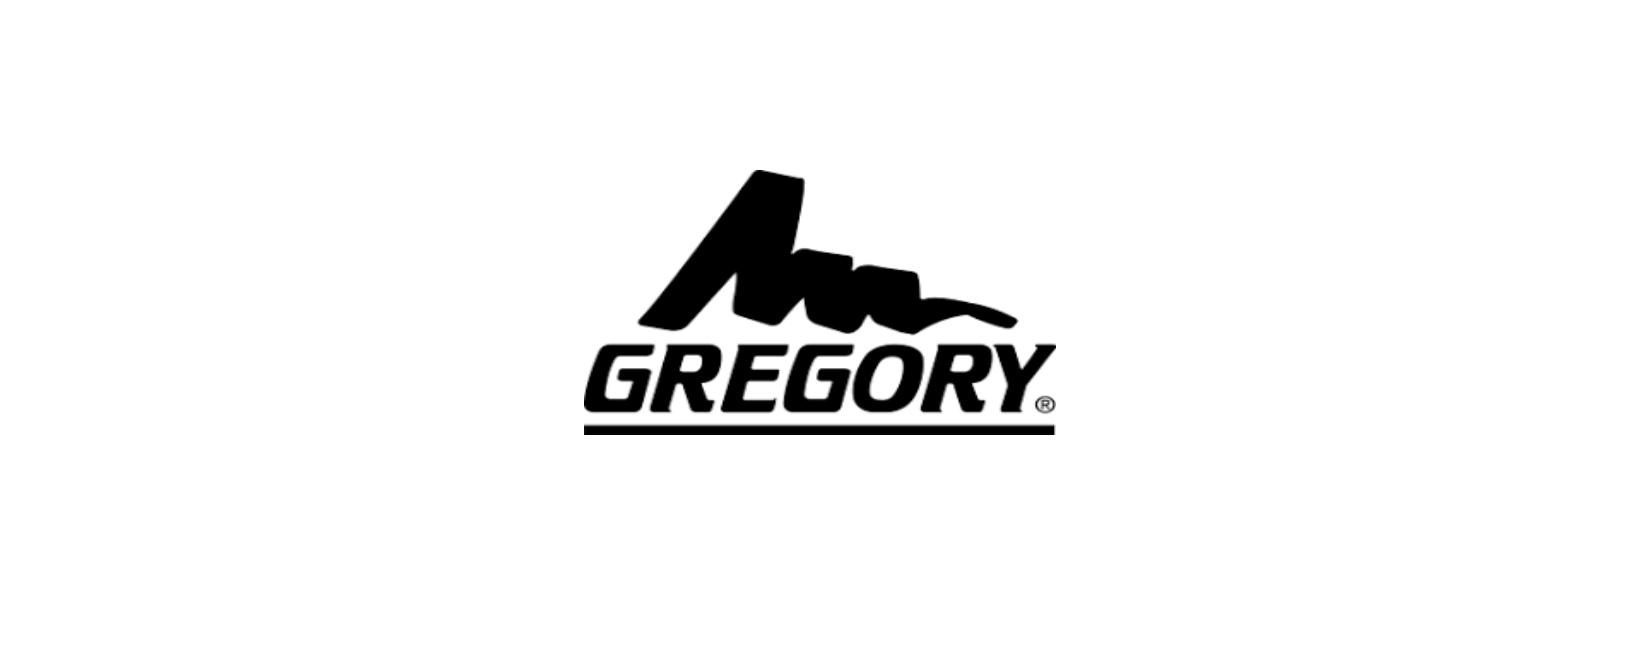 Gregory Discount Code 2021